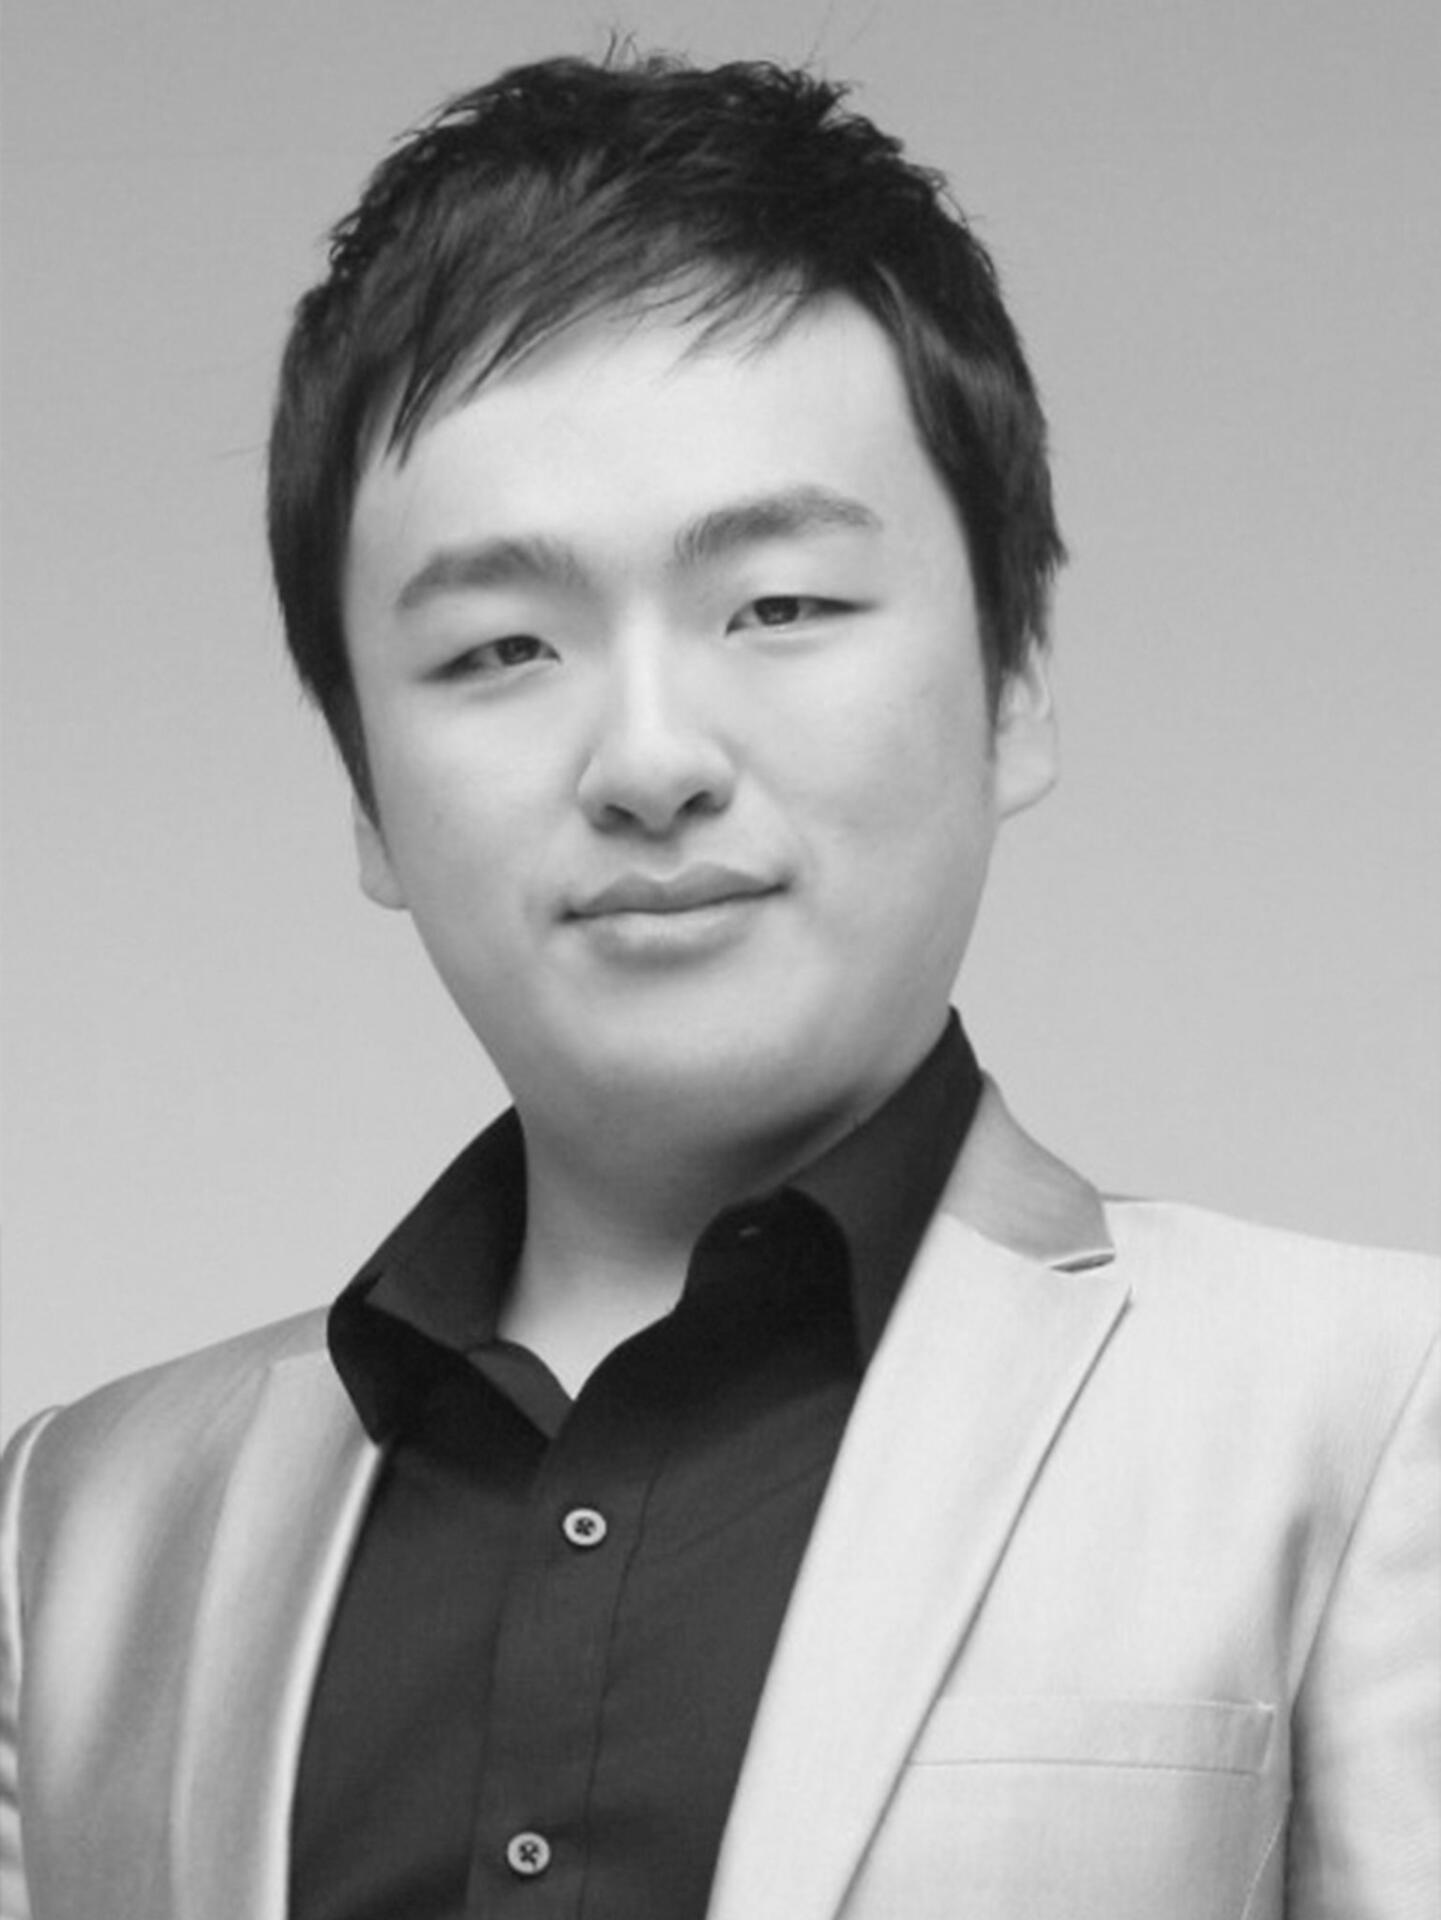 Donghyuk (Roger) Shin